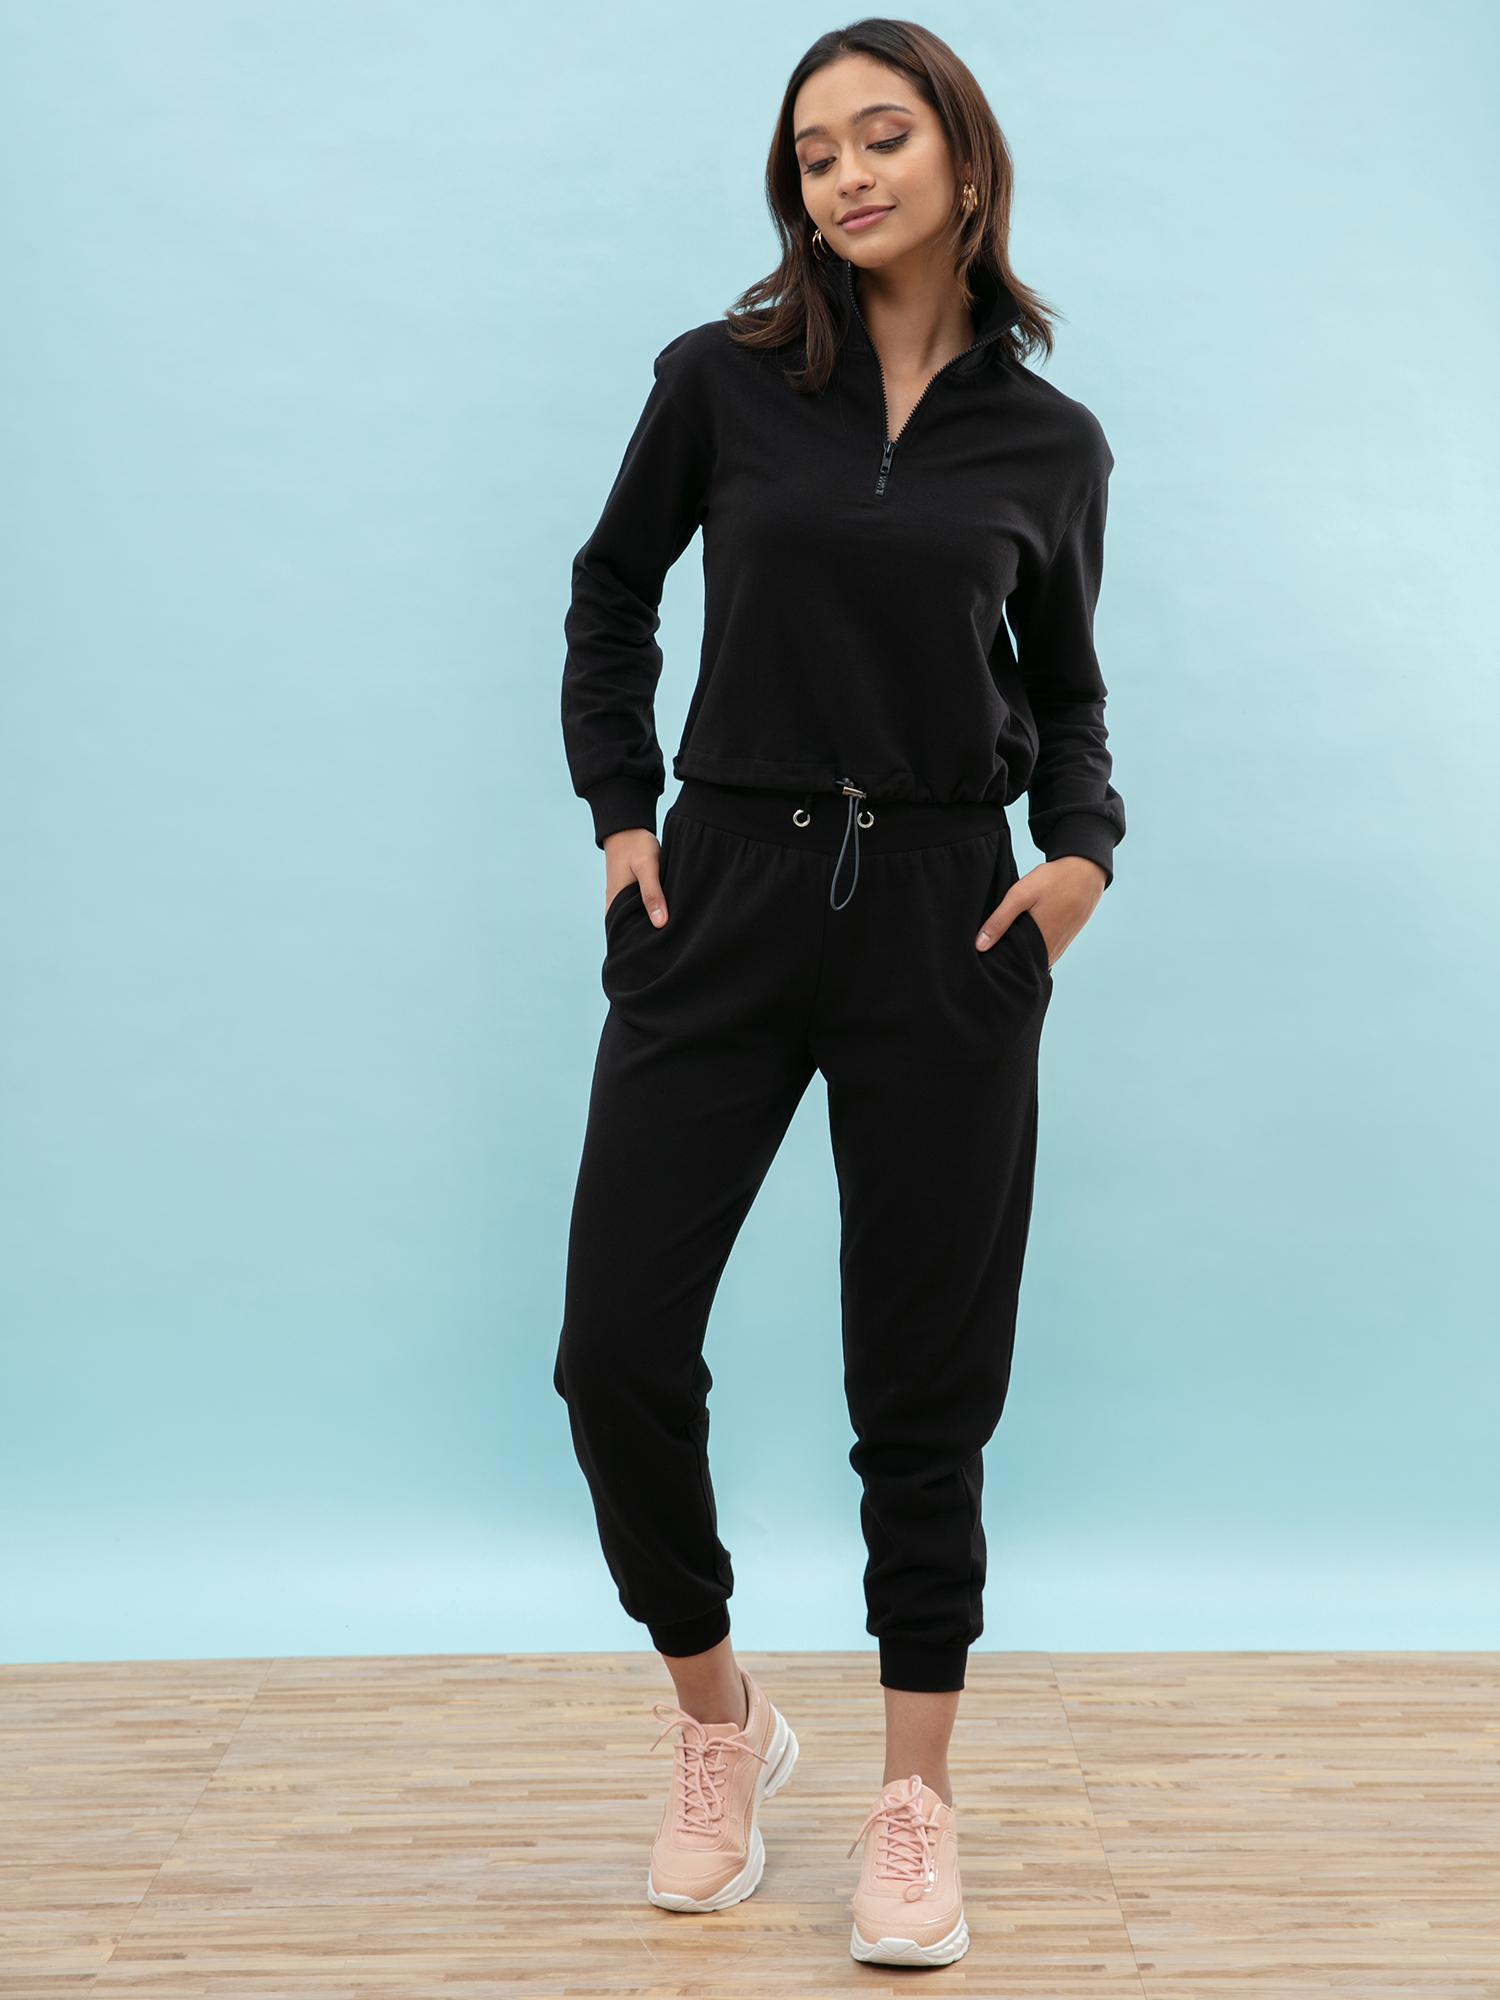 Tops-Cozy Love Black Sweatshirt1